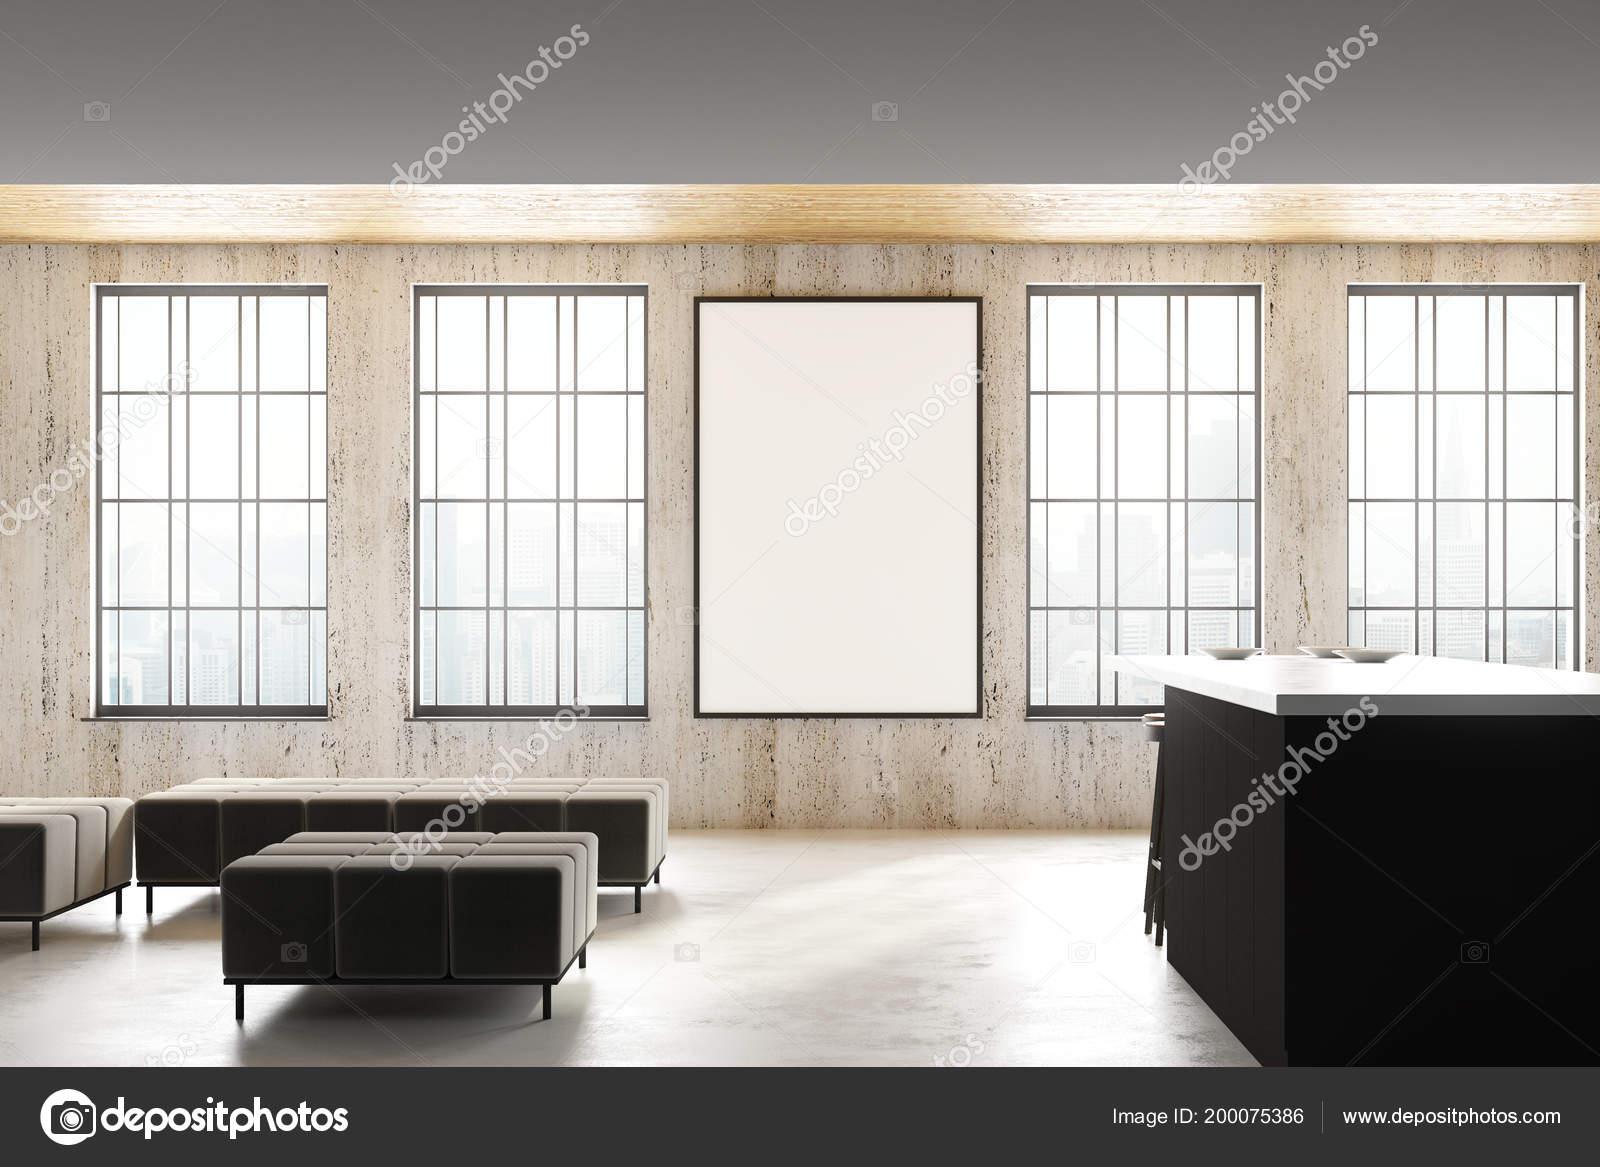 Interior Cozinha Sot O Luz Moderna Com Quadro Vazio Cartaz Janelas